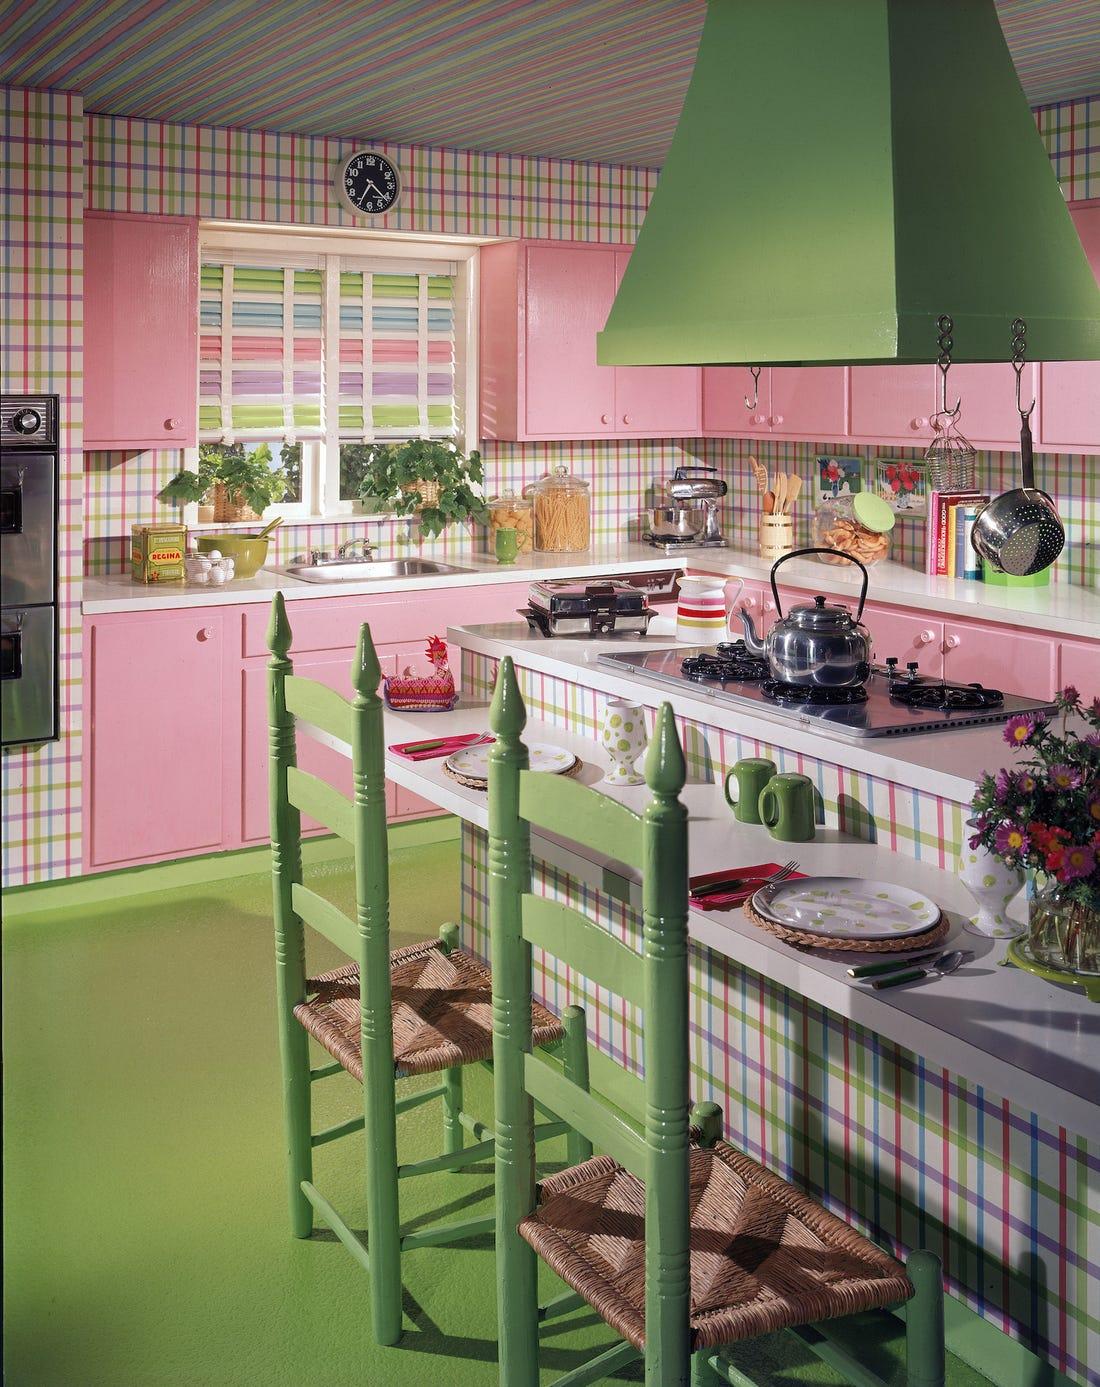 cuisine de couleur rose avec des meubles hauts et bas rose sol et chaises verts et ilot central à rayures